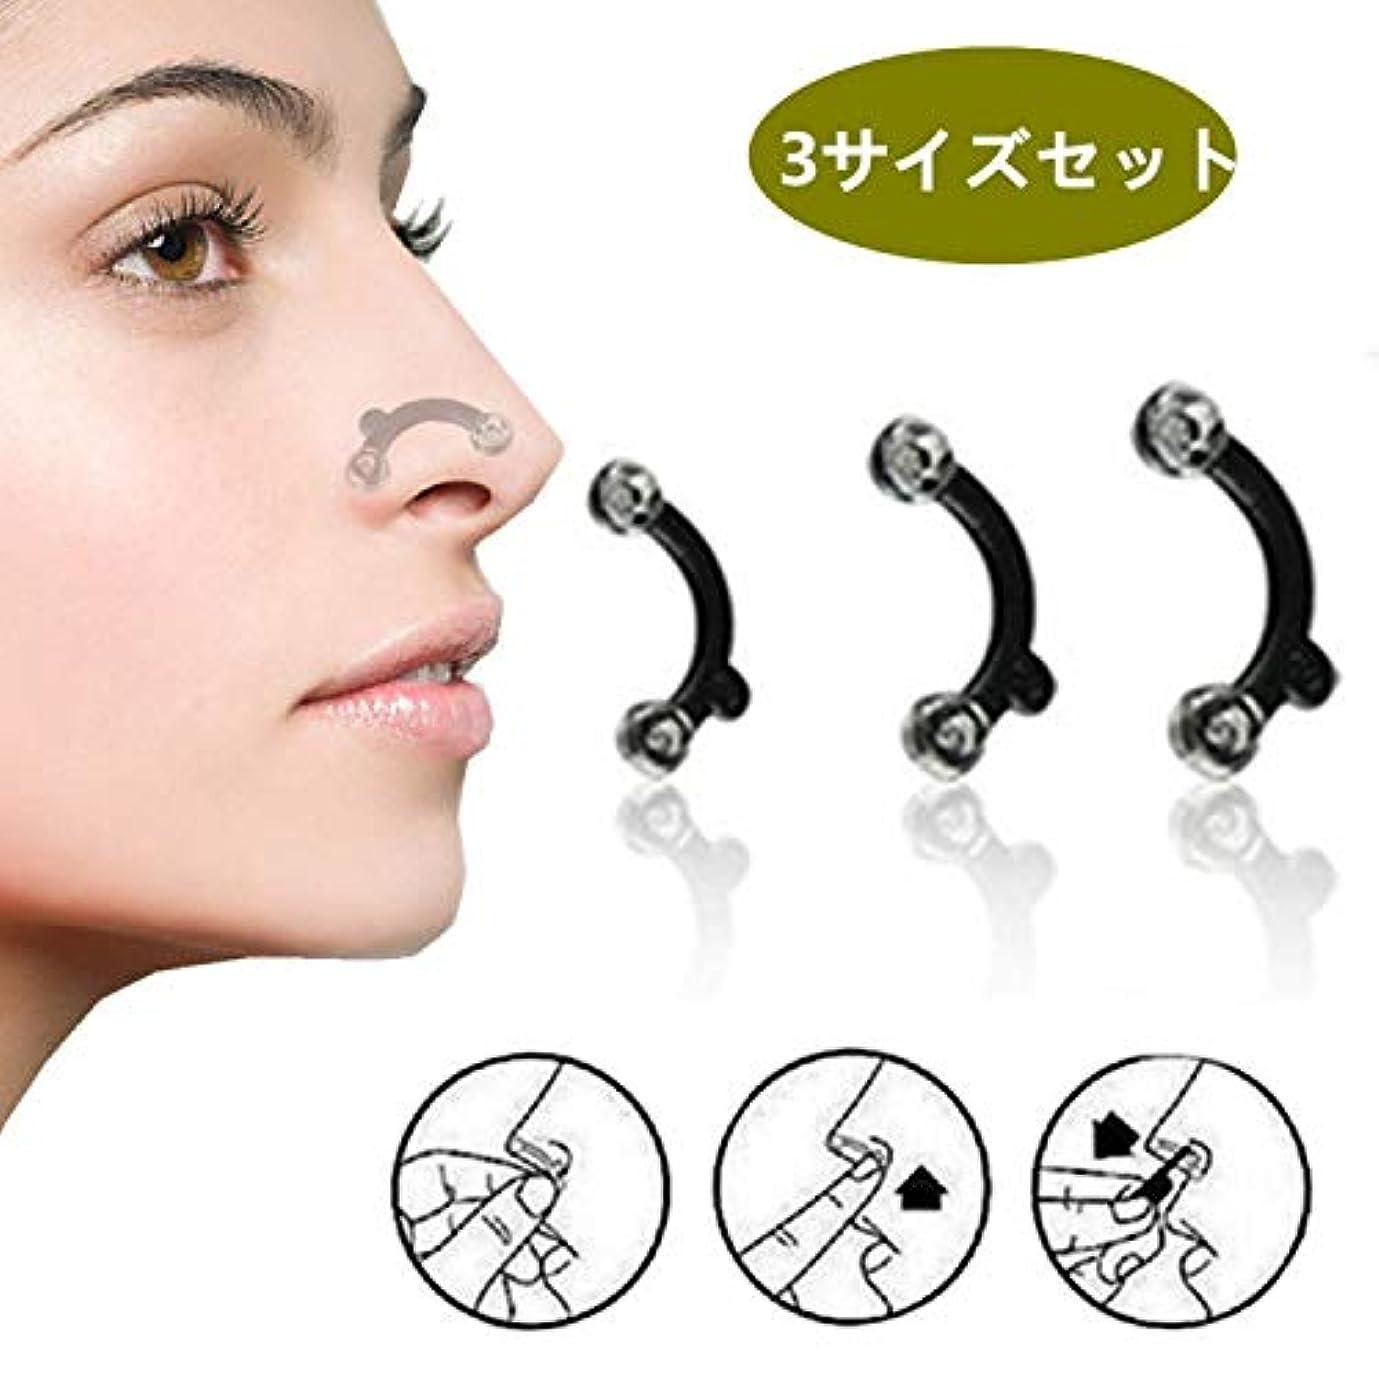 仕立て屋単位エイリアン鼻プチ 柔軟性高く ハナのアイプチ 痛くない 矯正プチ 整形せず24.5mm/25.5mm/27mm全3サイズセット ブラック